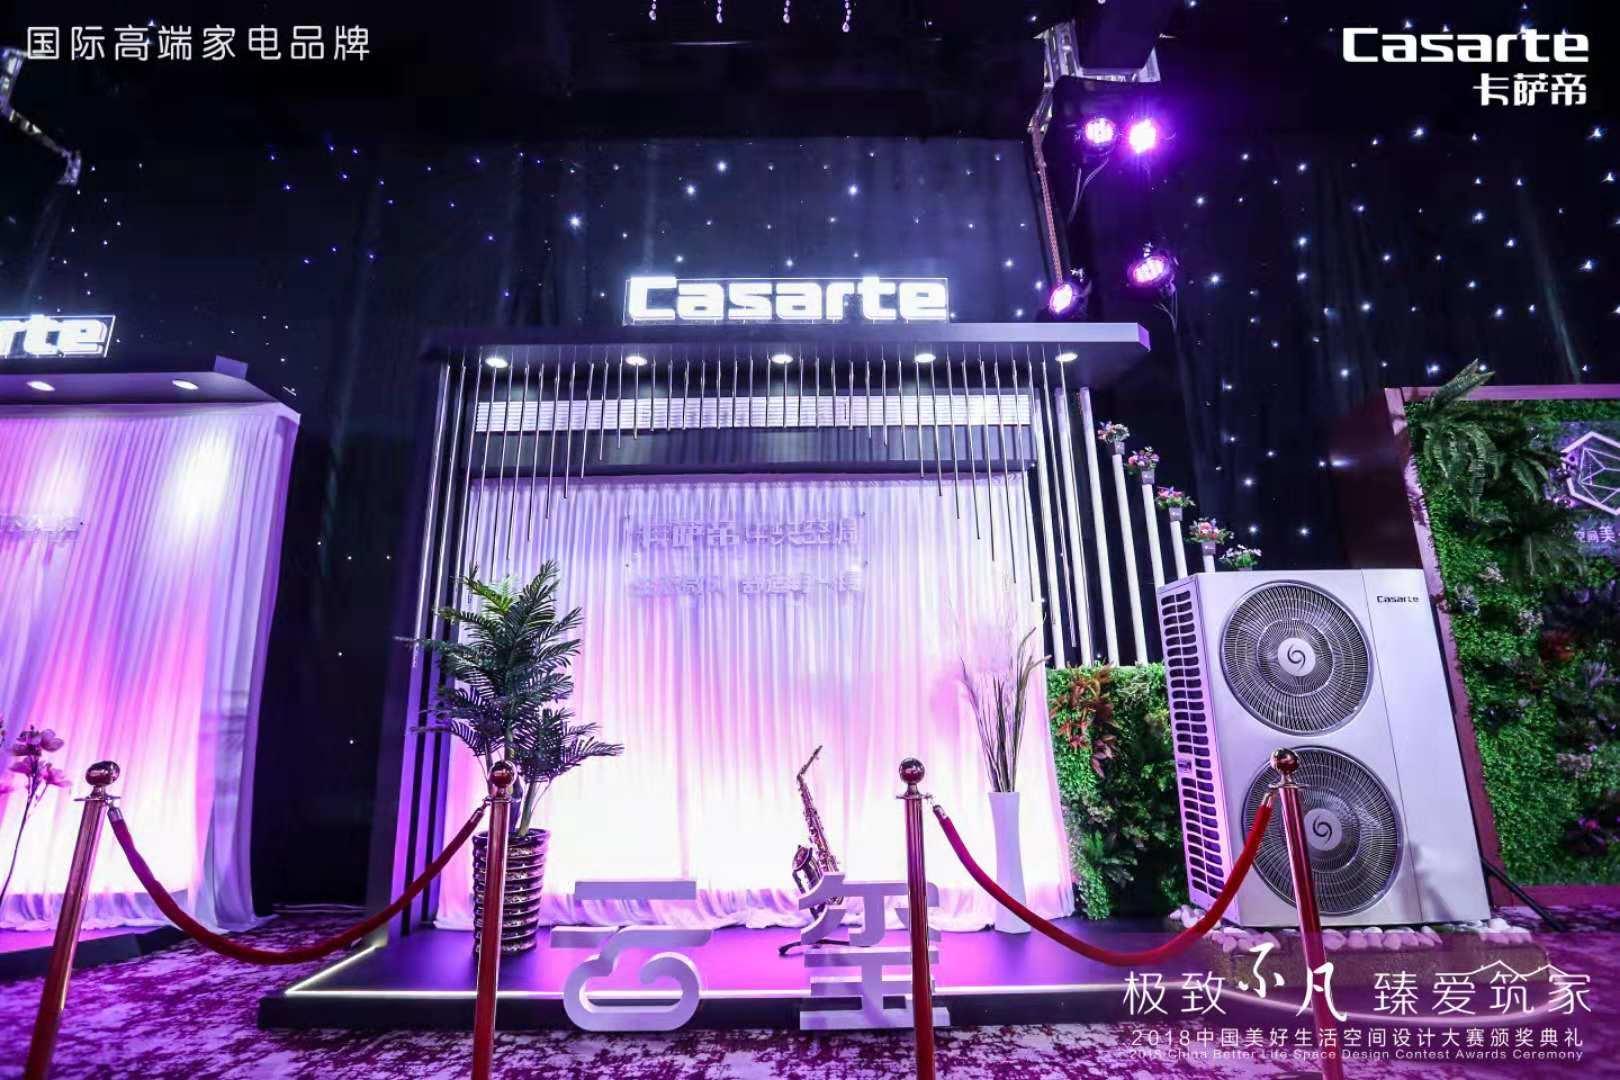 卡萨帝美好生活空间设计大赛青岛收官:20件作品获奖